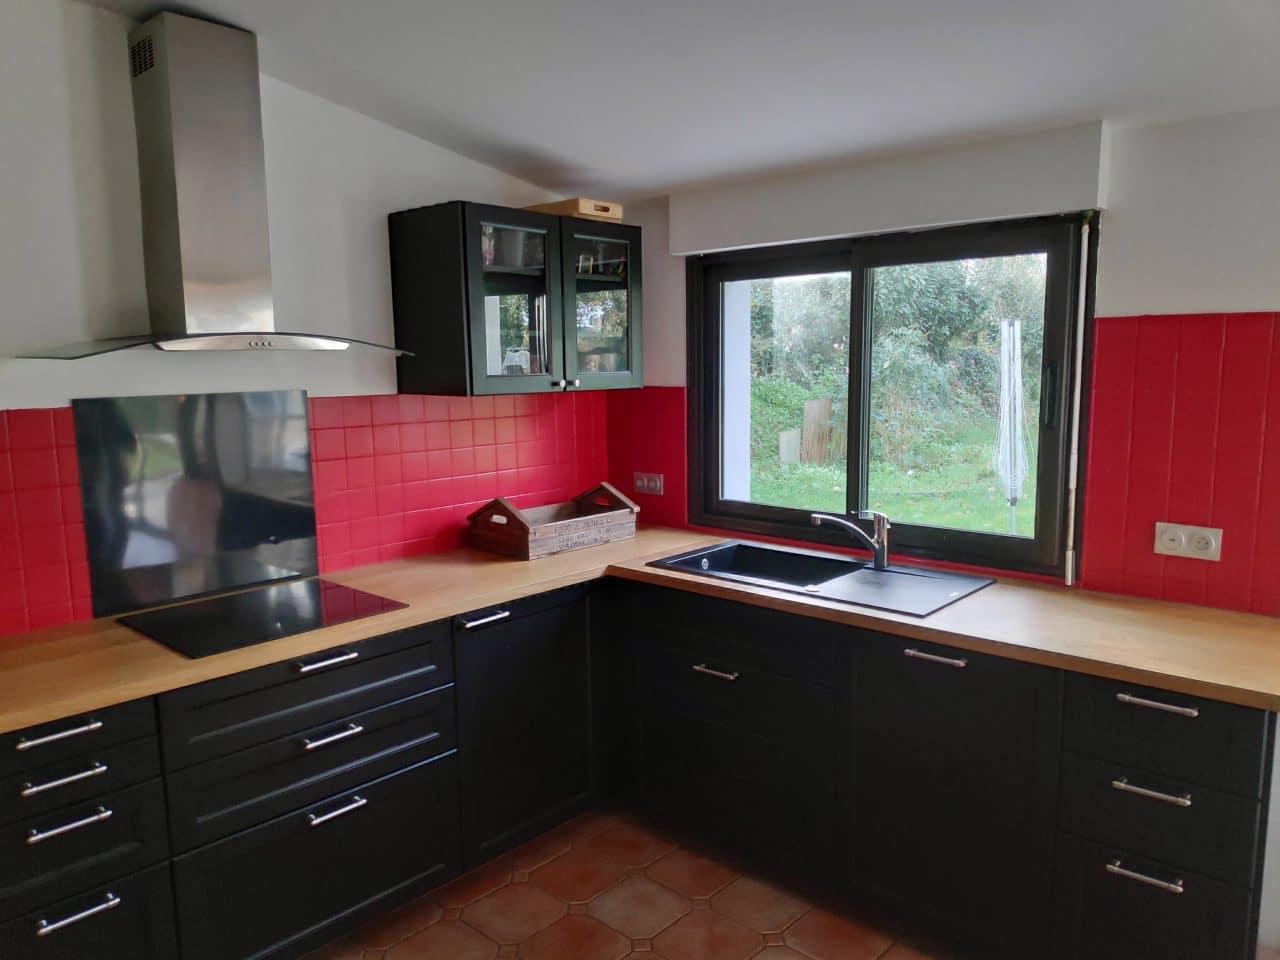 rénovation cuisine aménagée équipée noir plan de travail bois peinture sur faïence Le Conquet